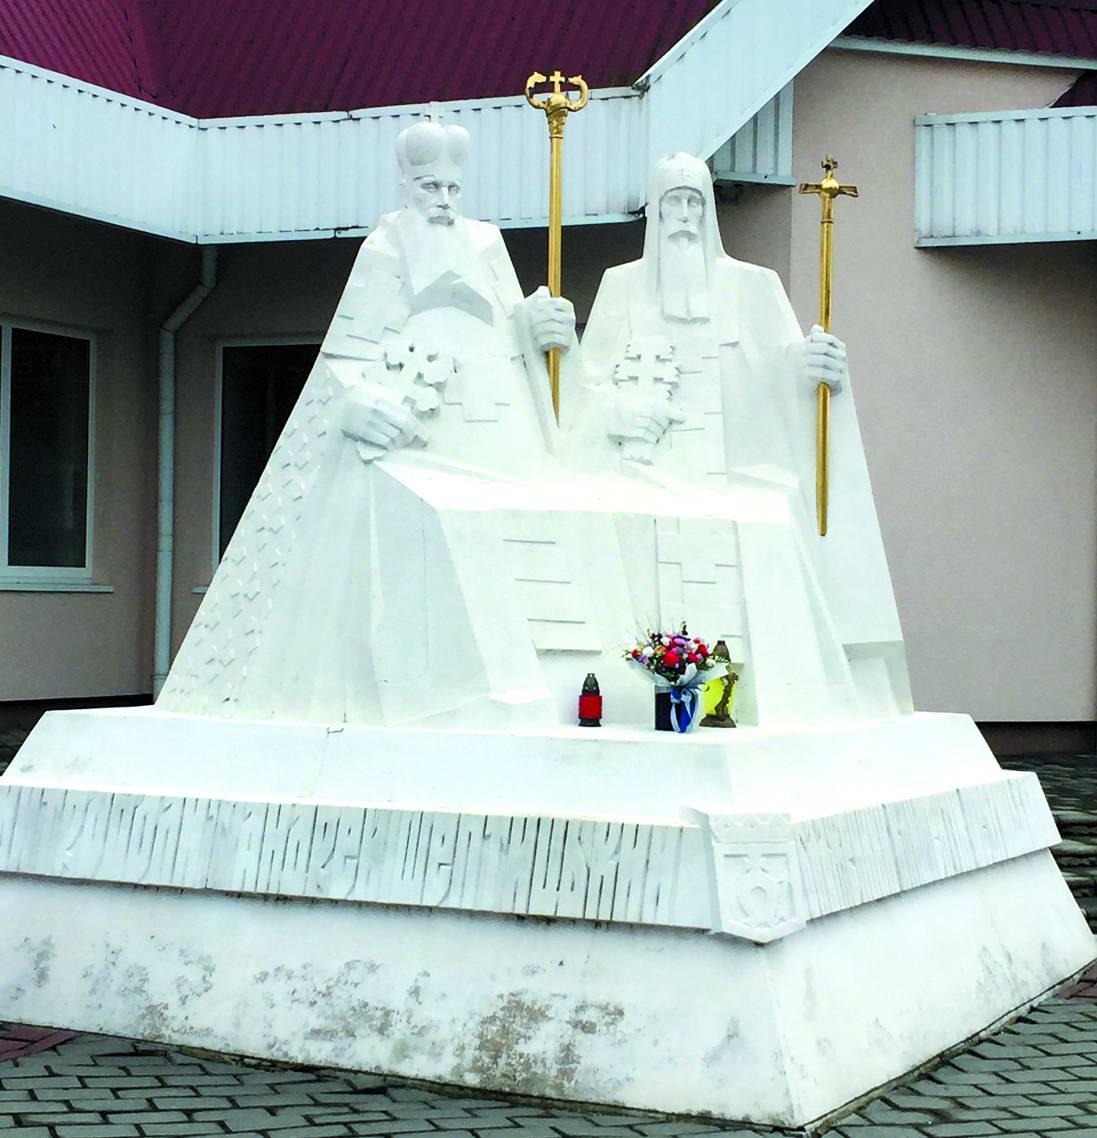 На подвір'ї церкви, яку прилбичани збудували на честь Митрополита, встановлено пам'ятник двом великим священникам, рідним братам – отцю Андрею та отцю Климентію Шептицьким.